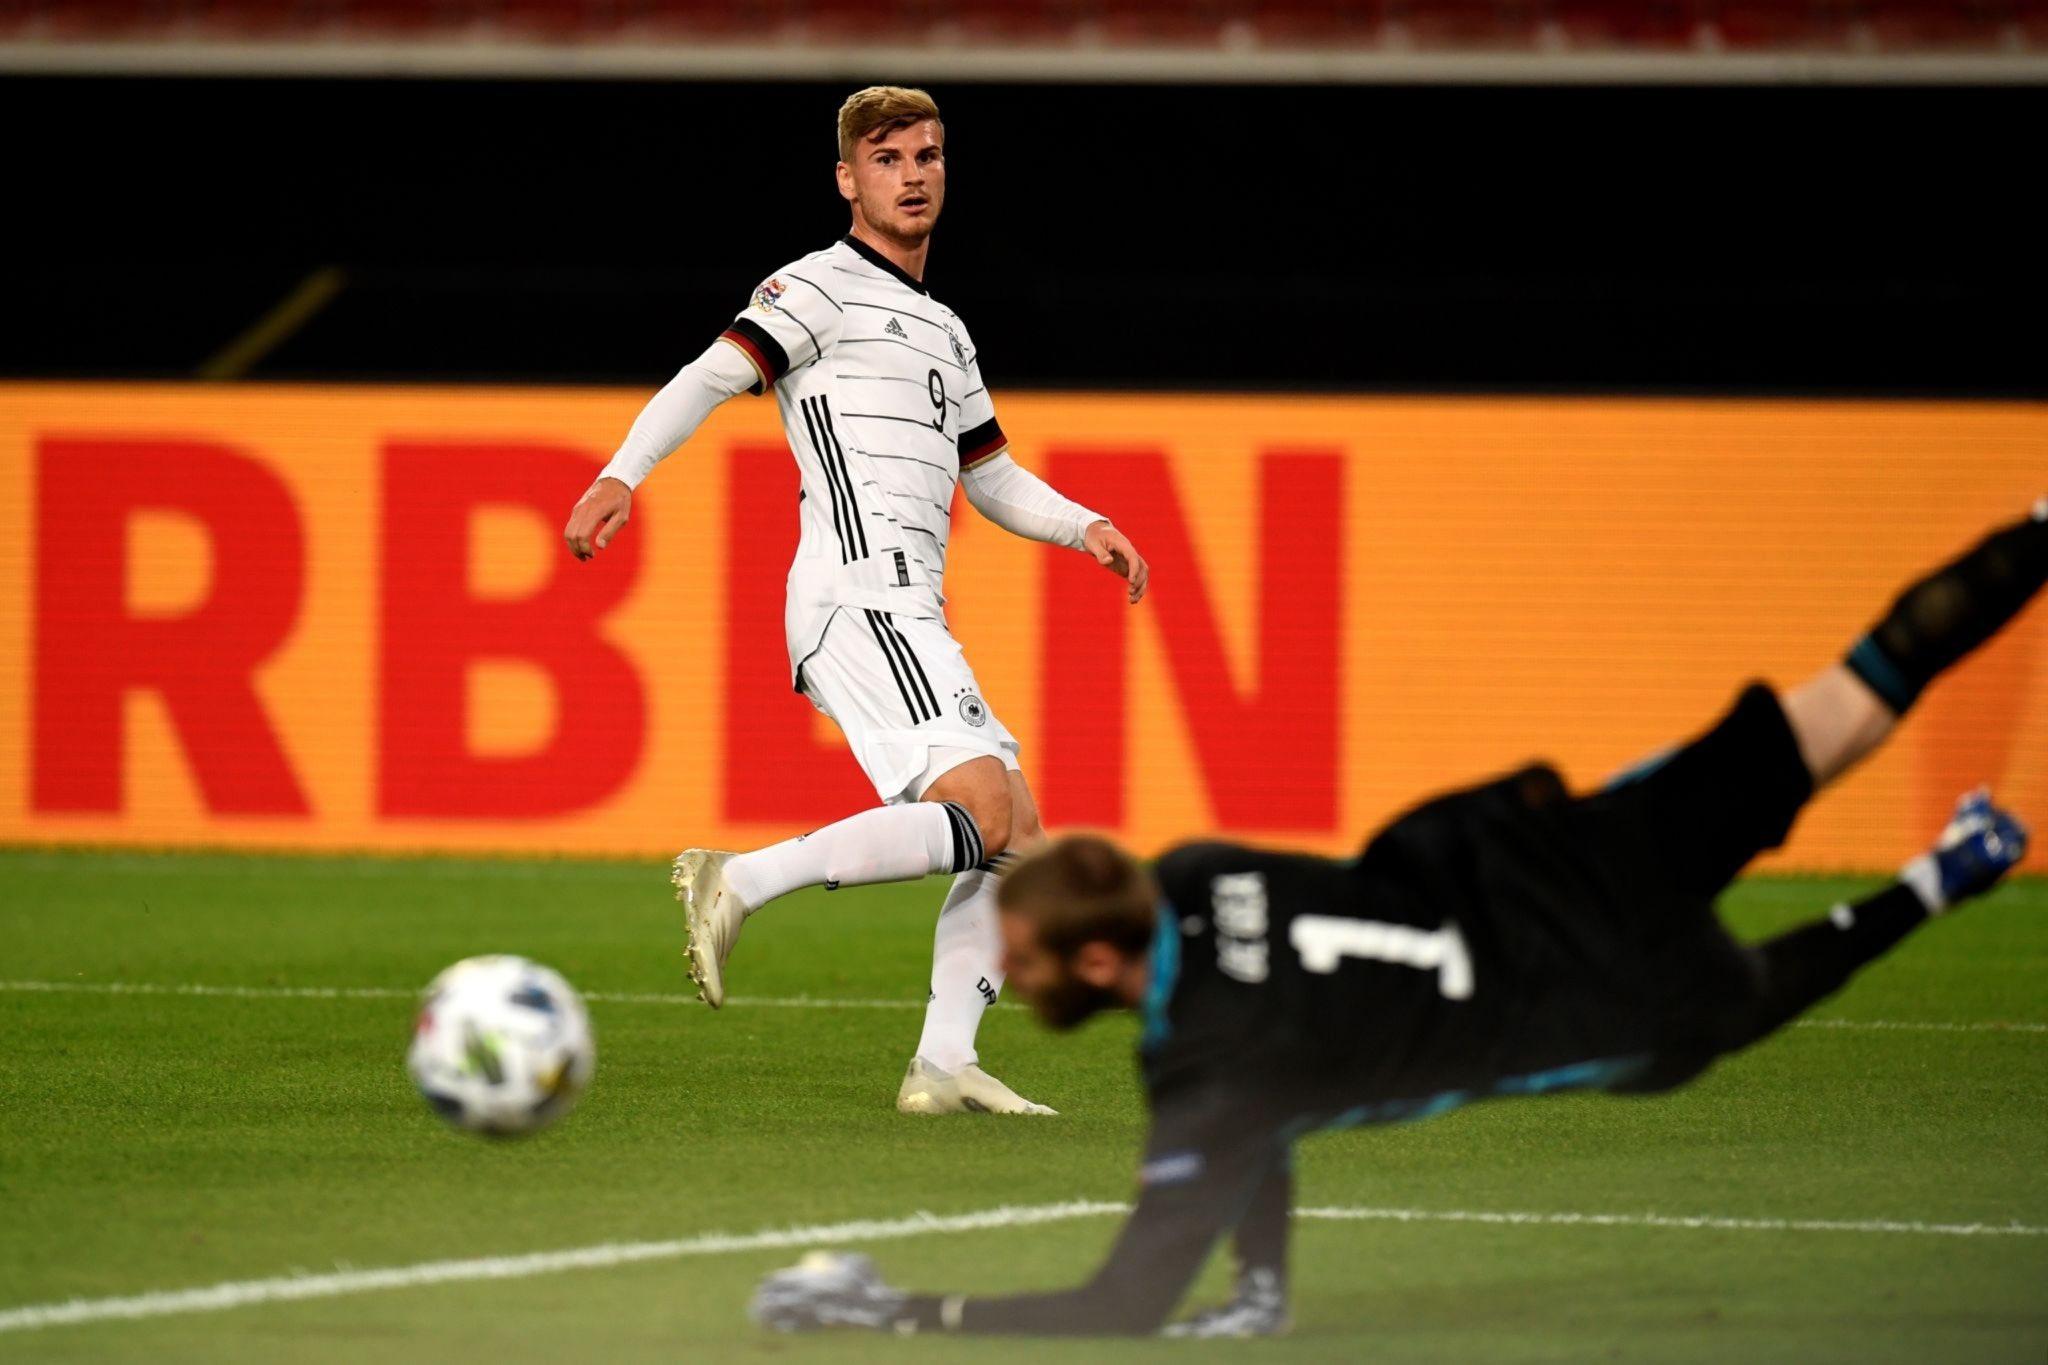 دى خيا يتصدى لإحدى فرص ألمانيا